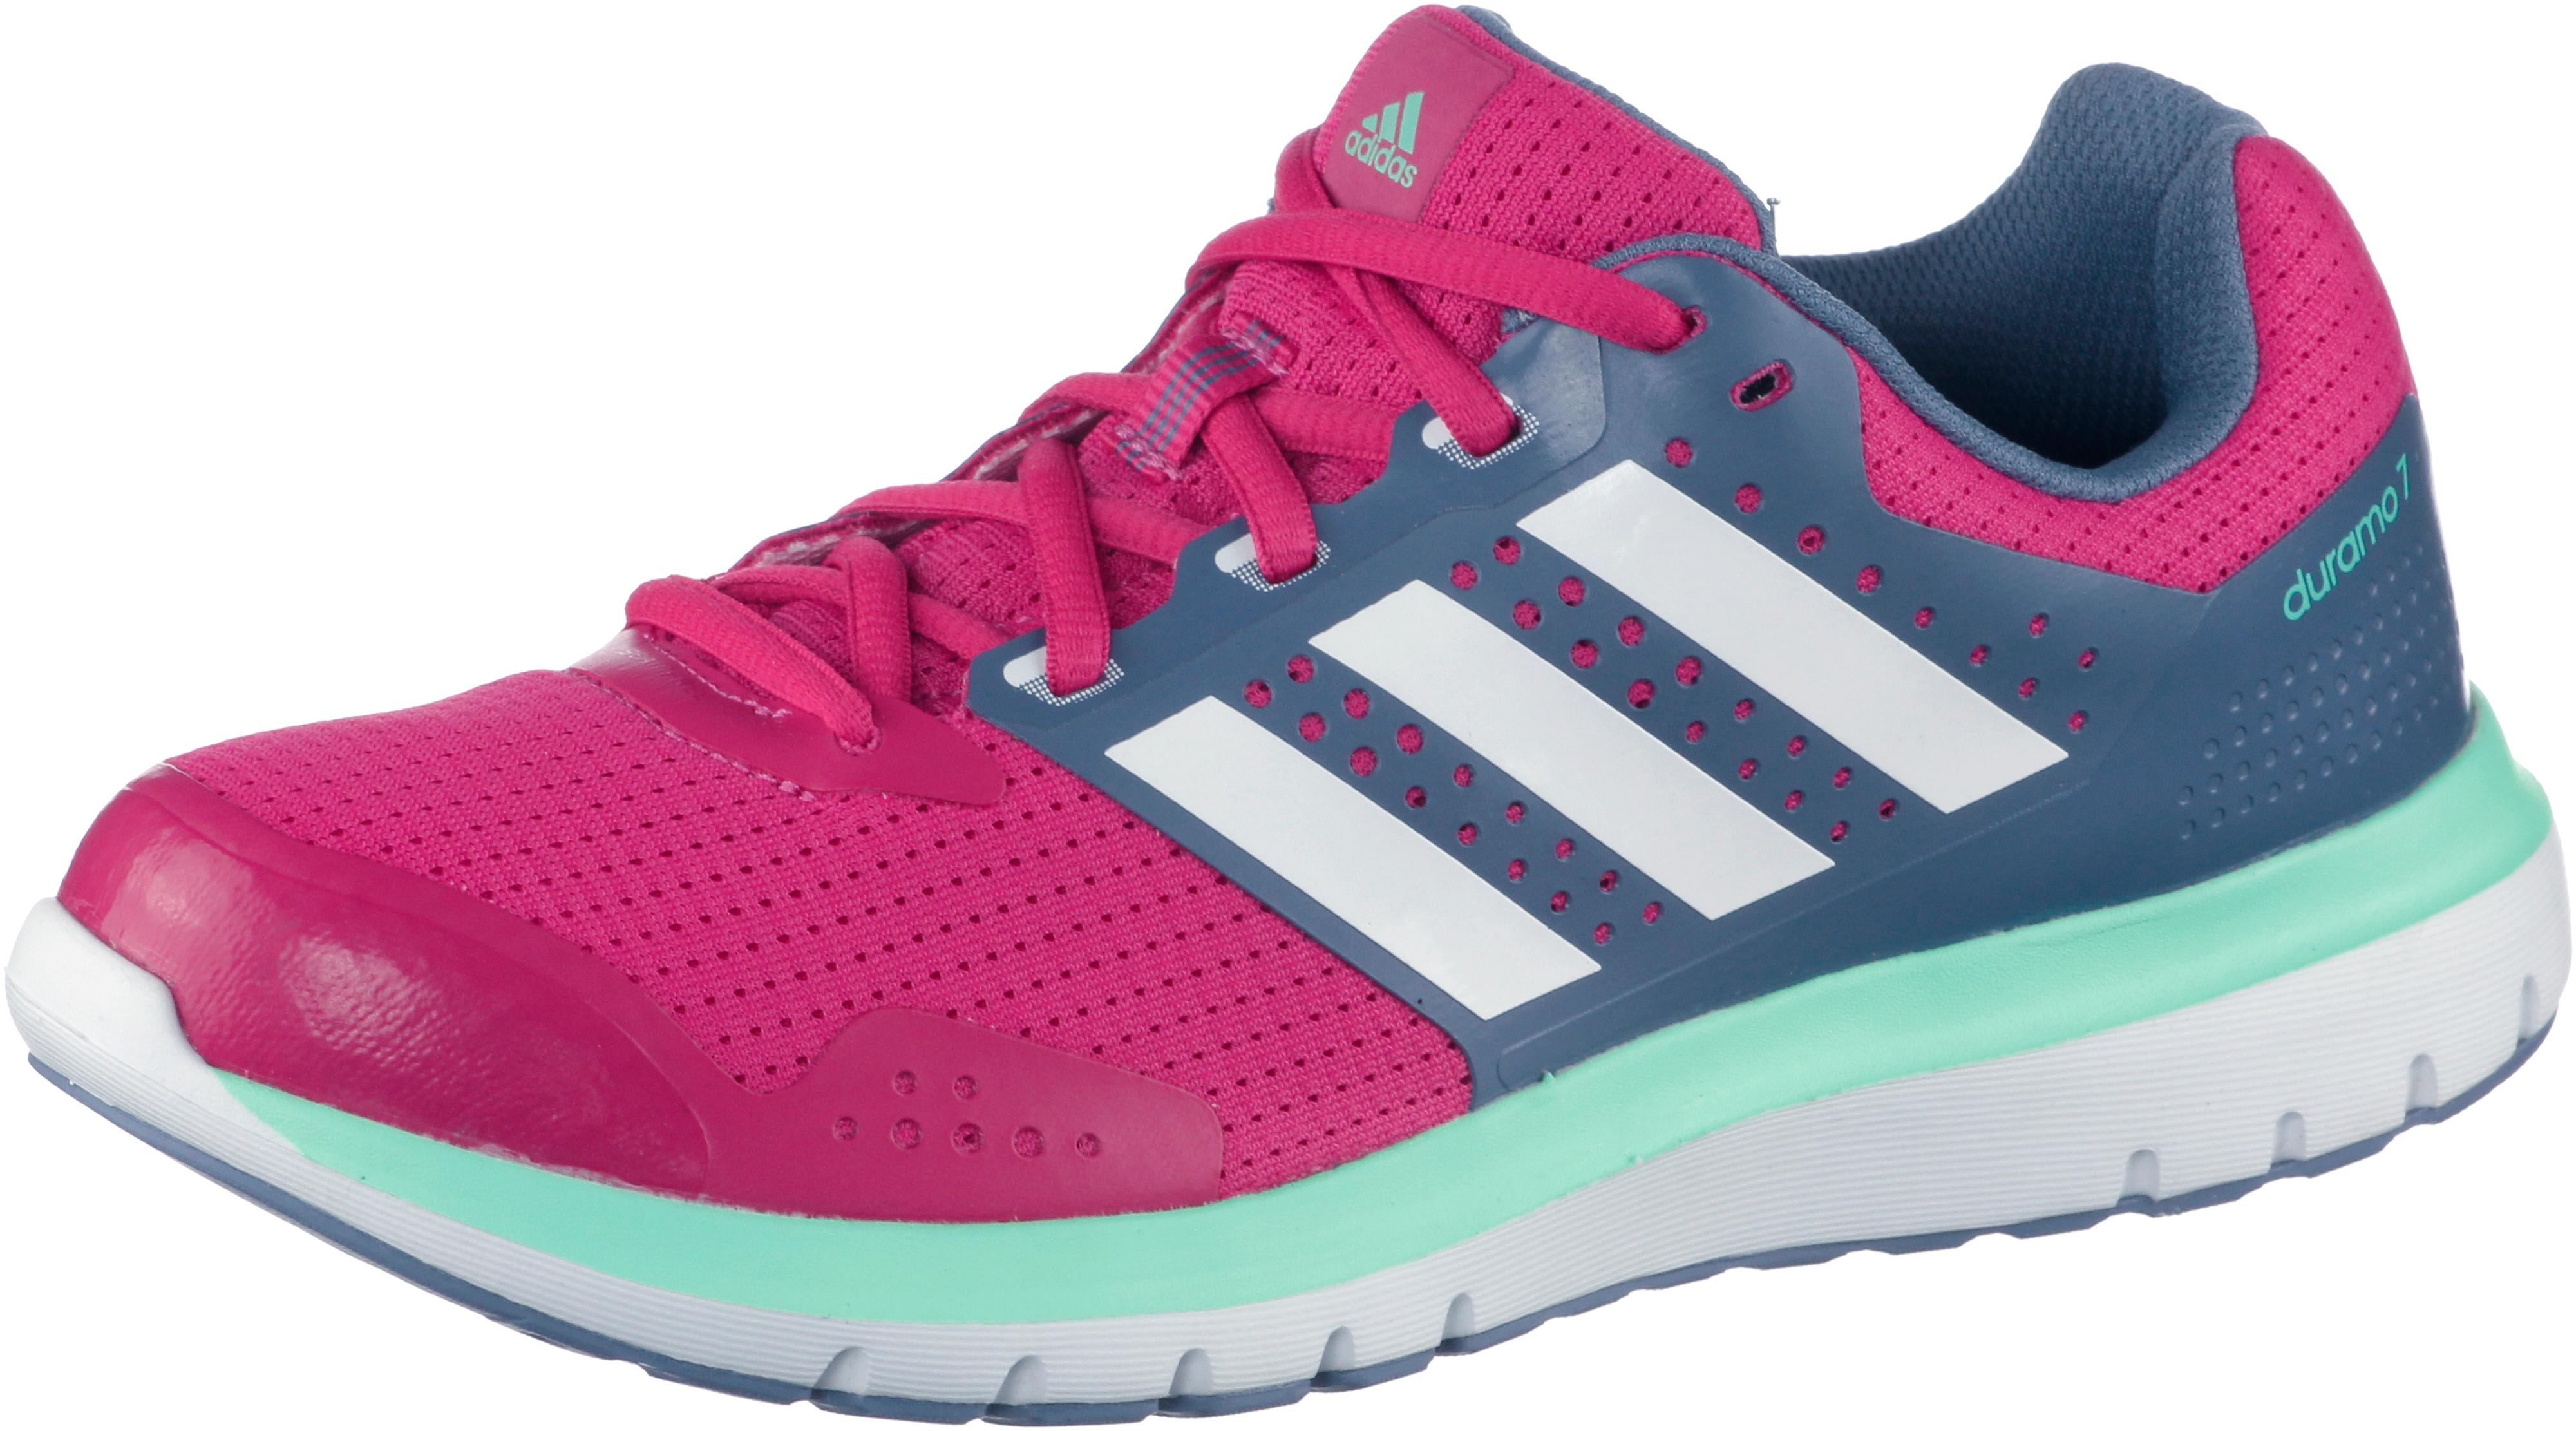 adidas Duramo 7 Laufschuhe Damen pink/grau im Online Shop von SportScheck  kaufen